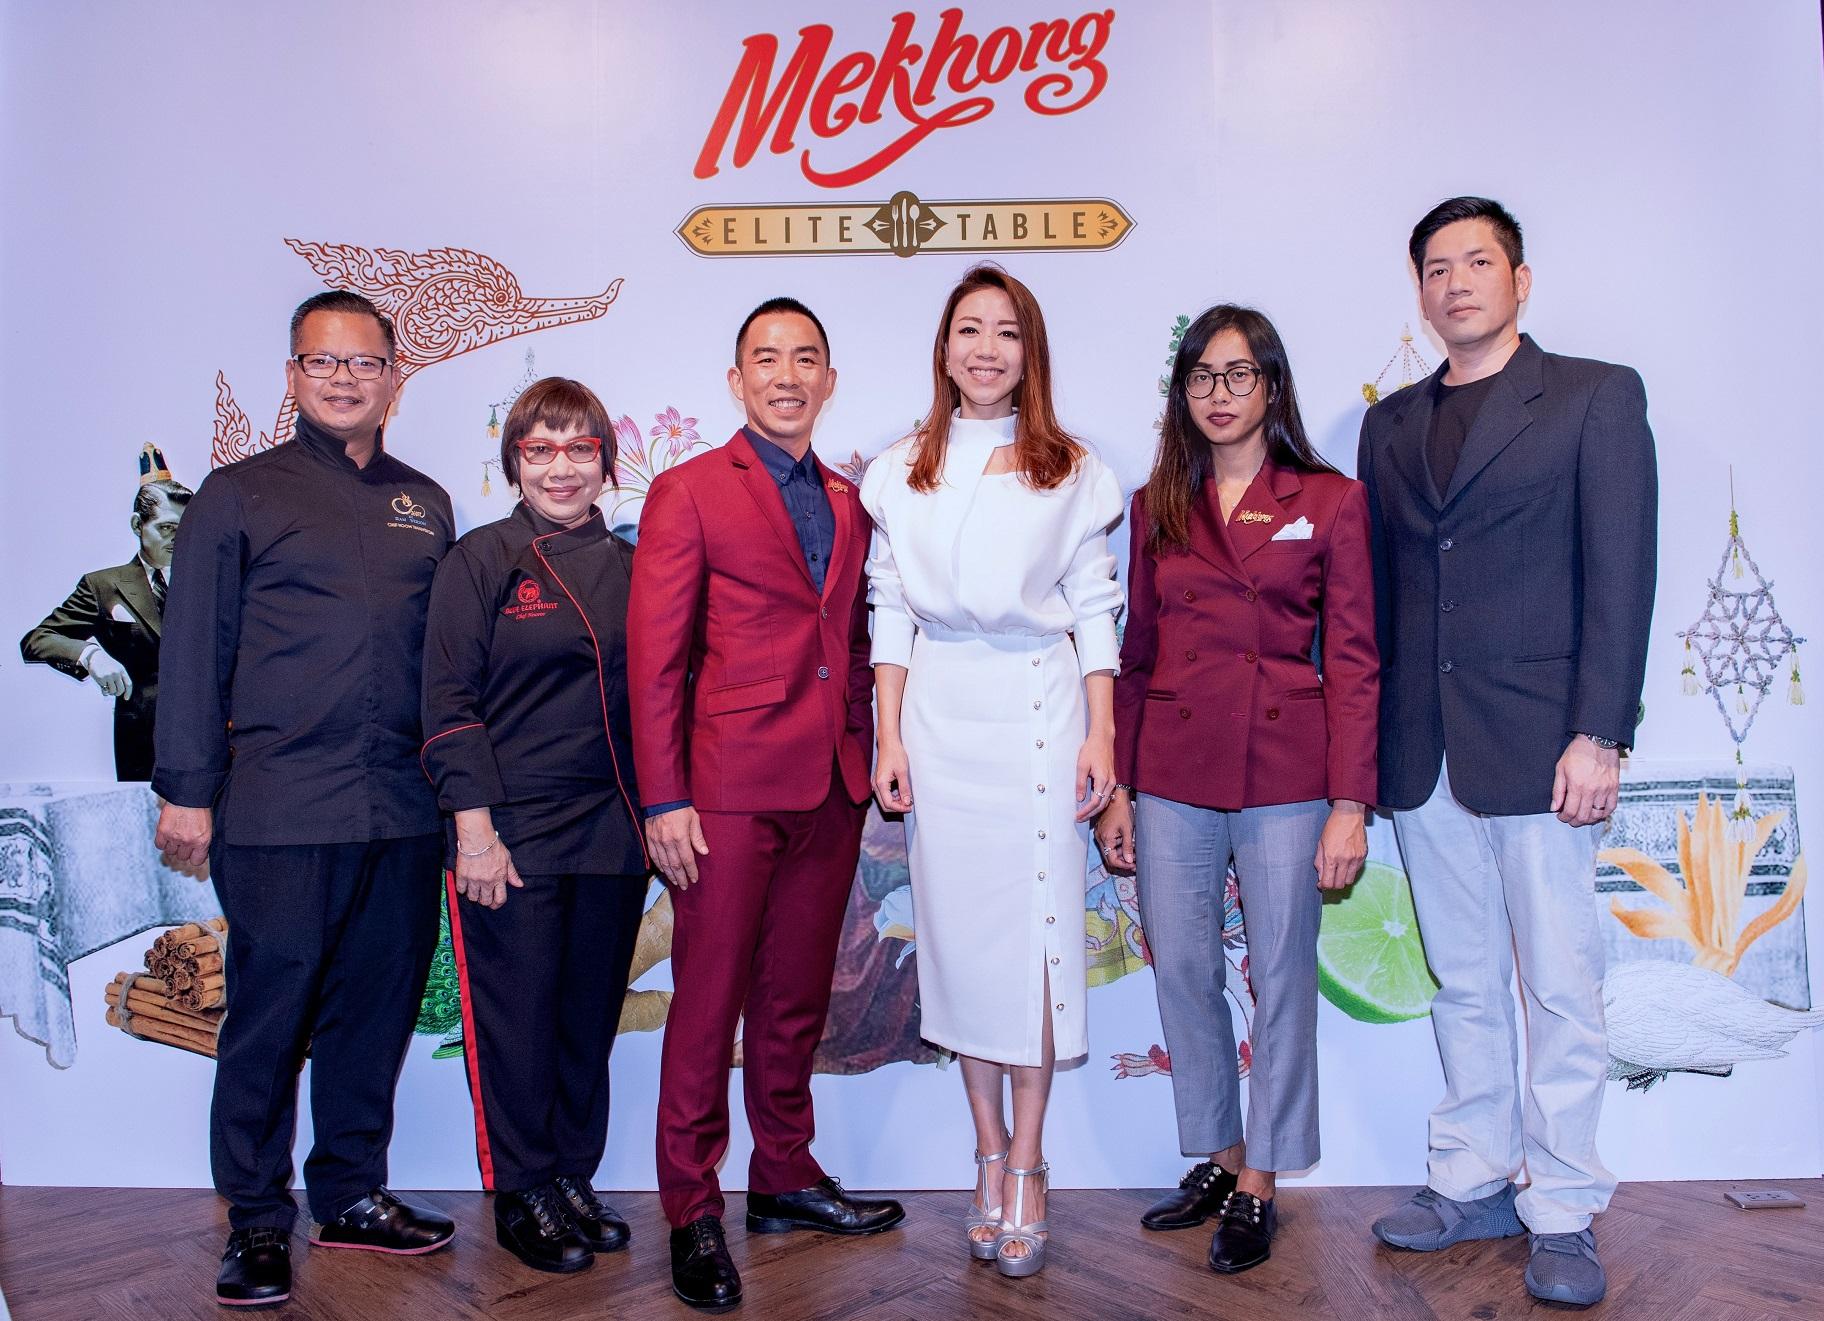 แม่โขง ชูเอกลักษณ์ค็อกเทลสัญชาติไทยเติมเต็มอรรถรสอาหารไทย จัดแคมเปญ Mekhong Elite Table ต่อเนื่องเป็นปีที่ 4